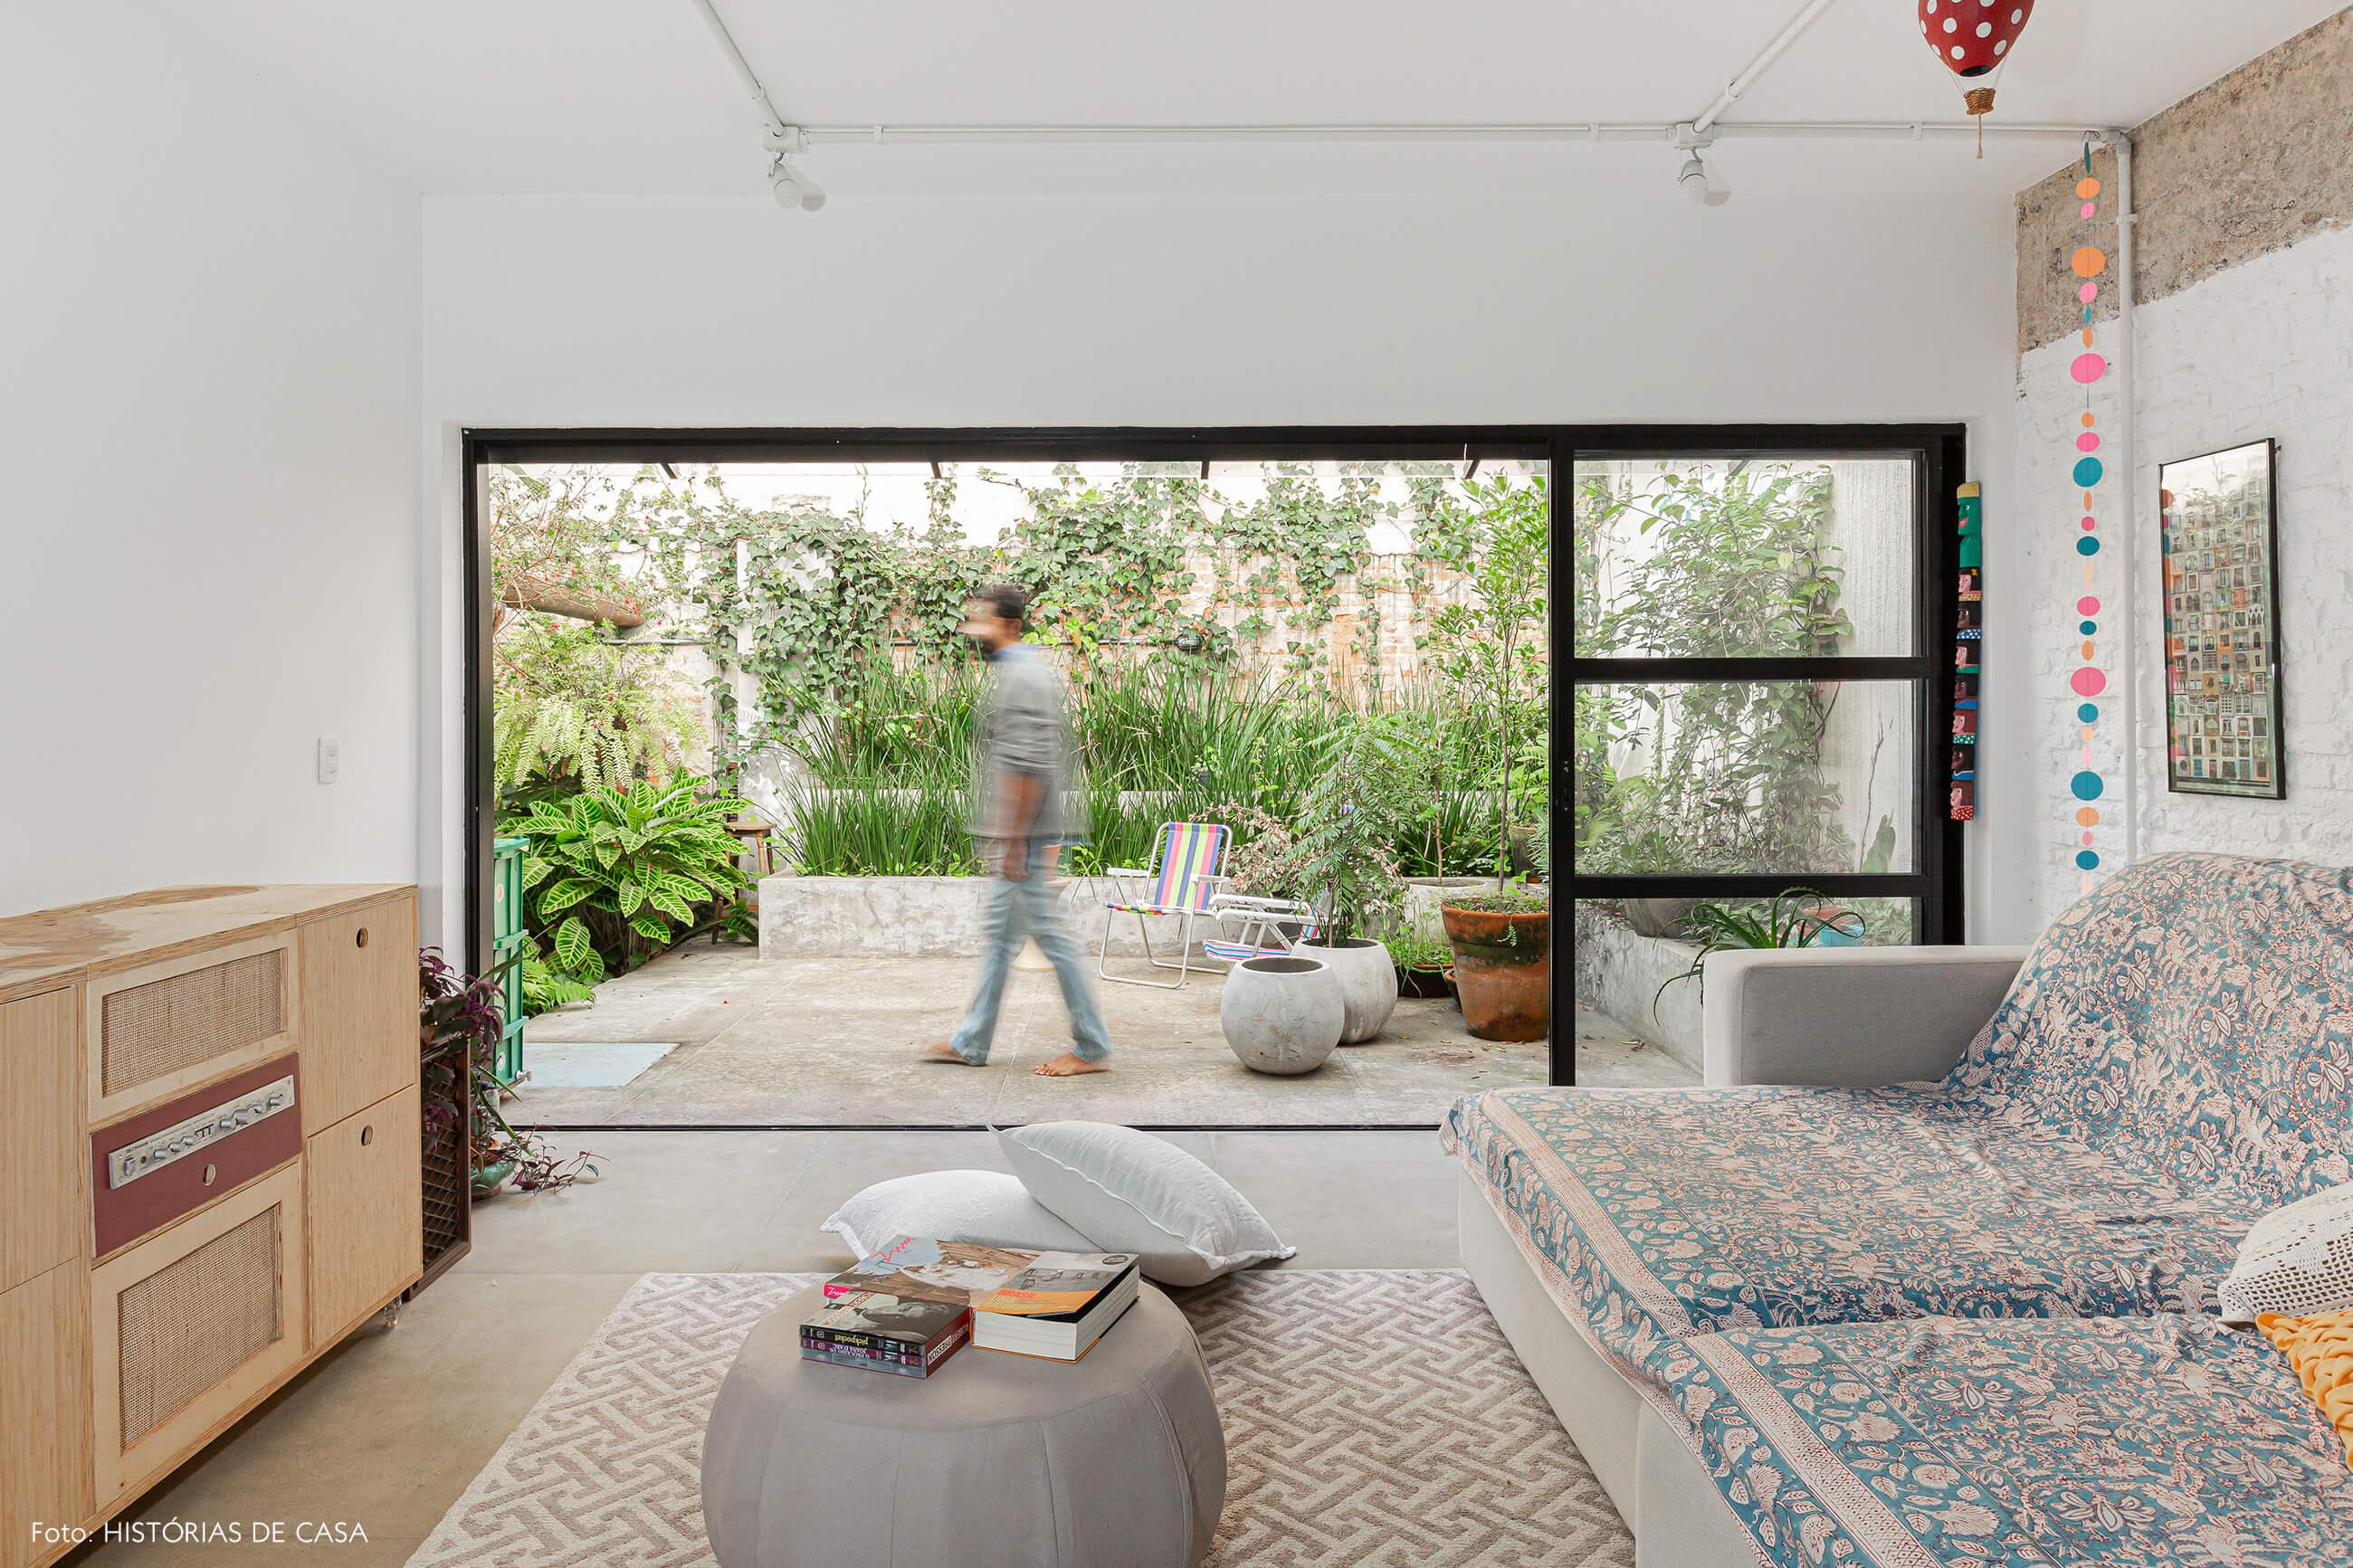 Apartamento térreo, sala integrada ao jardim e parede de tijolinhos brancos